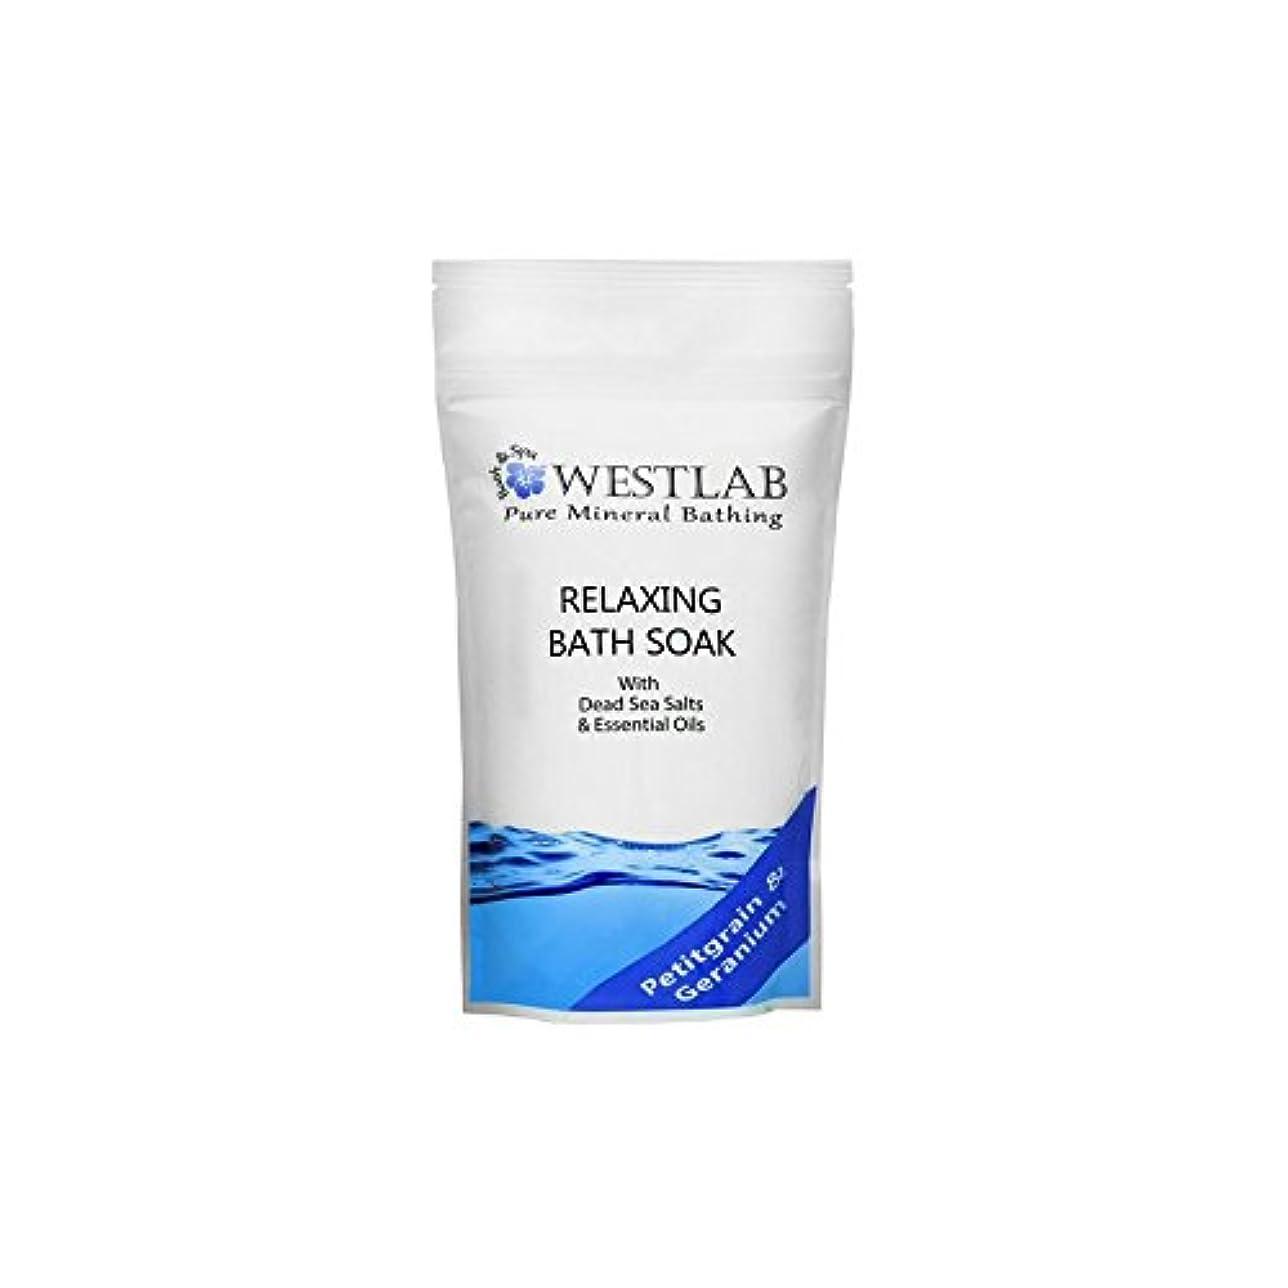 一生として寝てる死海の塩浴浸漬(500グラム)をリラックス x4 - Westlab Relax Dead Sea Salt Bath Soak (500g) (Pack of 4) [並行輸入品]